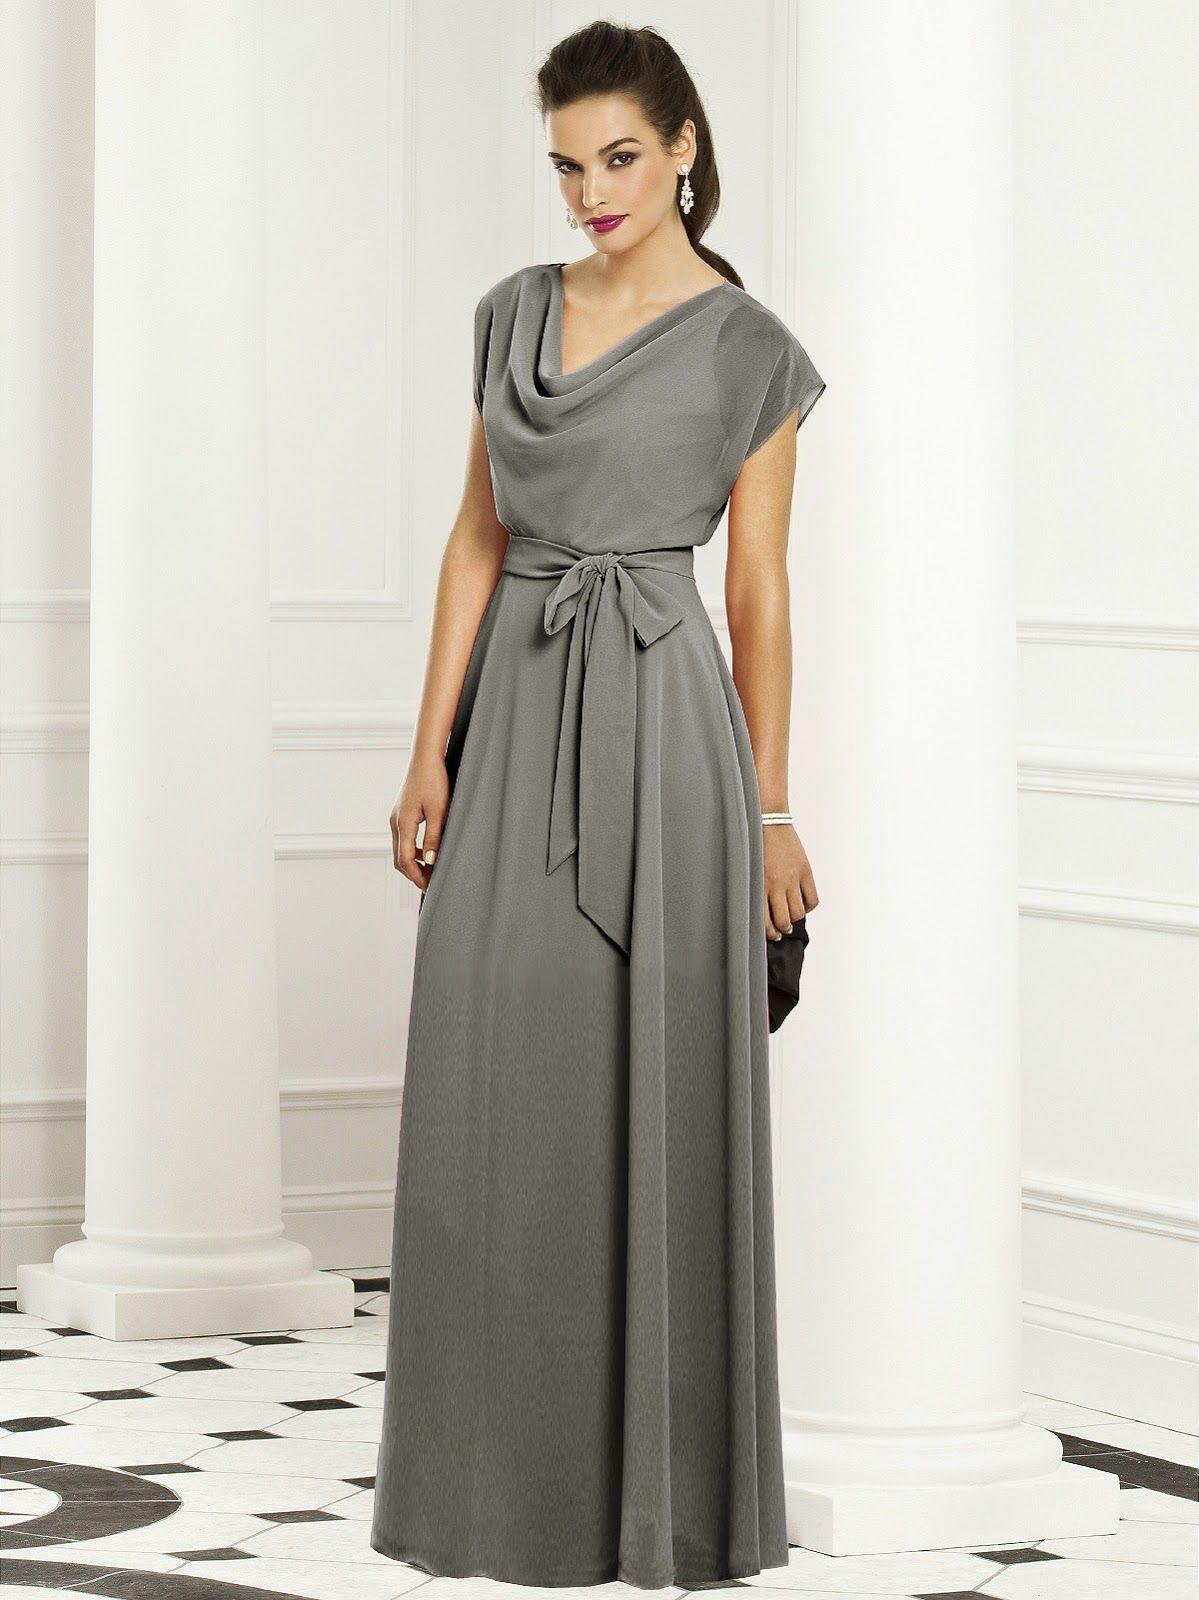 b53d93f79 Vestidos de noche elegantes